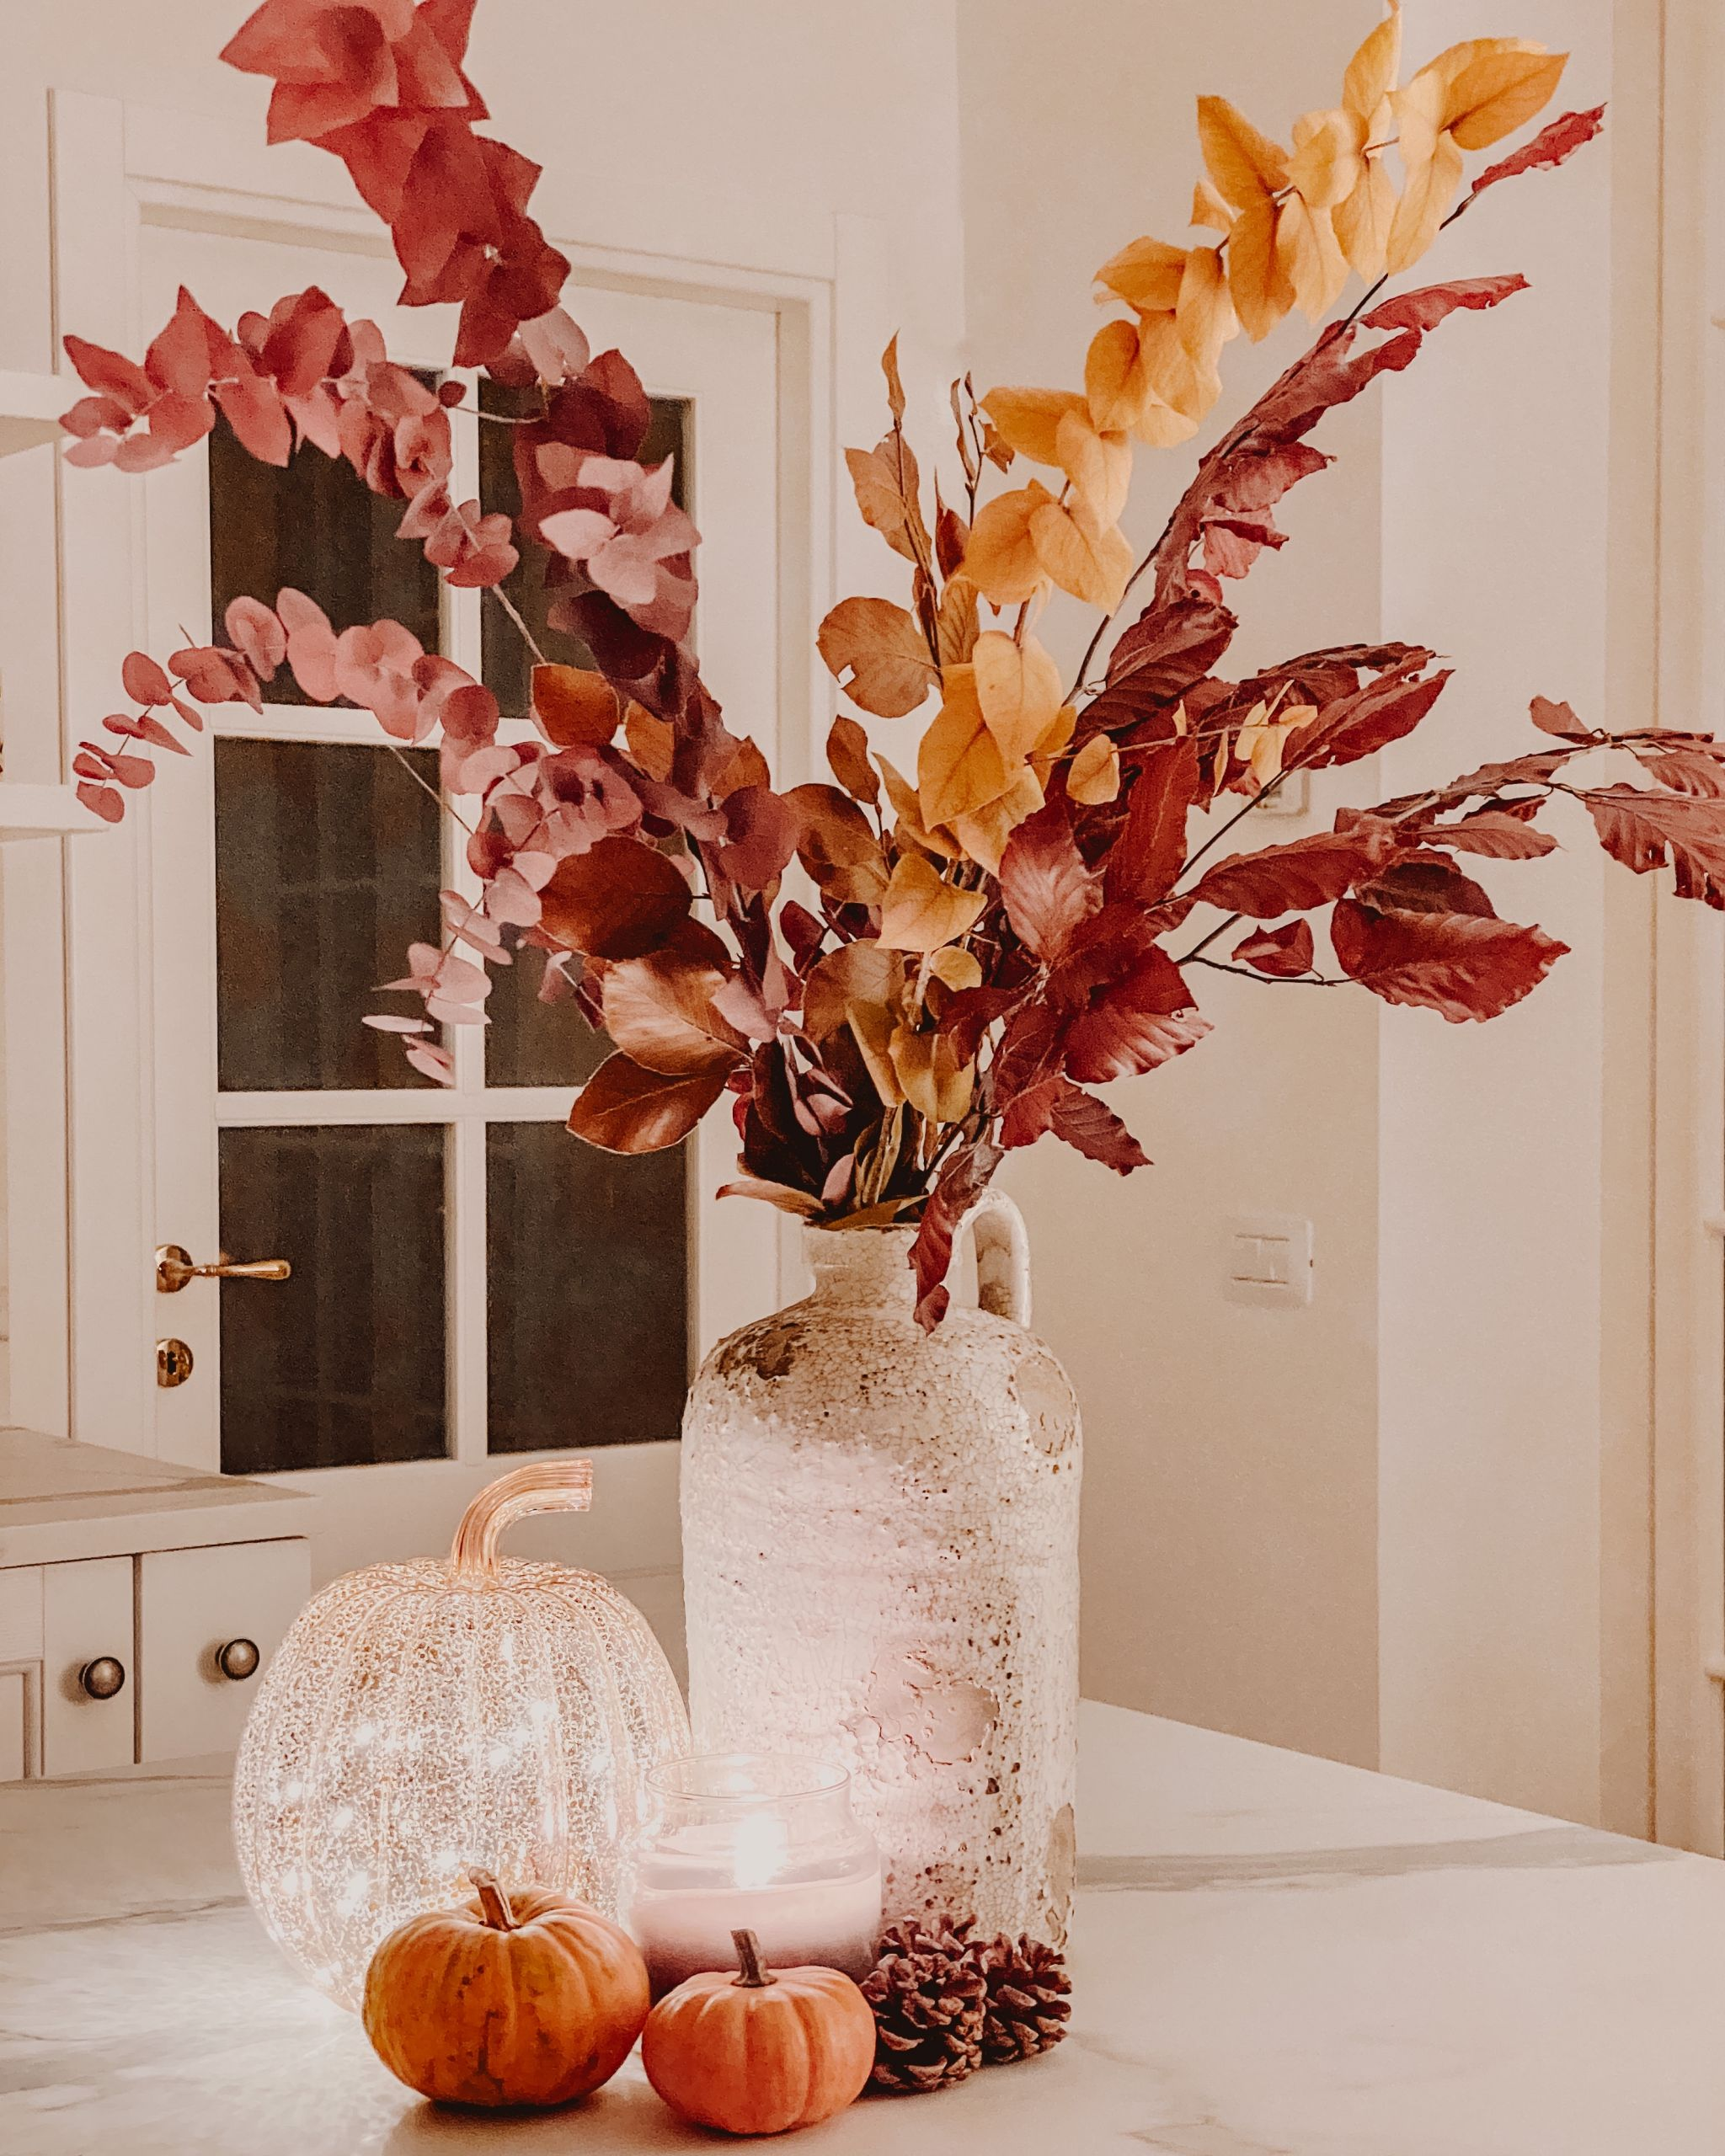 L'autunno in casa, tra decorazioni e atmosfere coccolone.